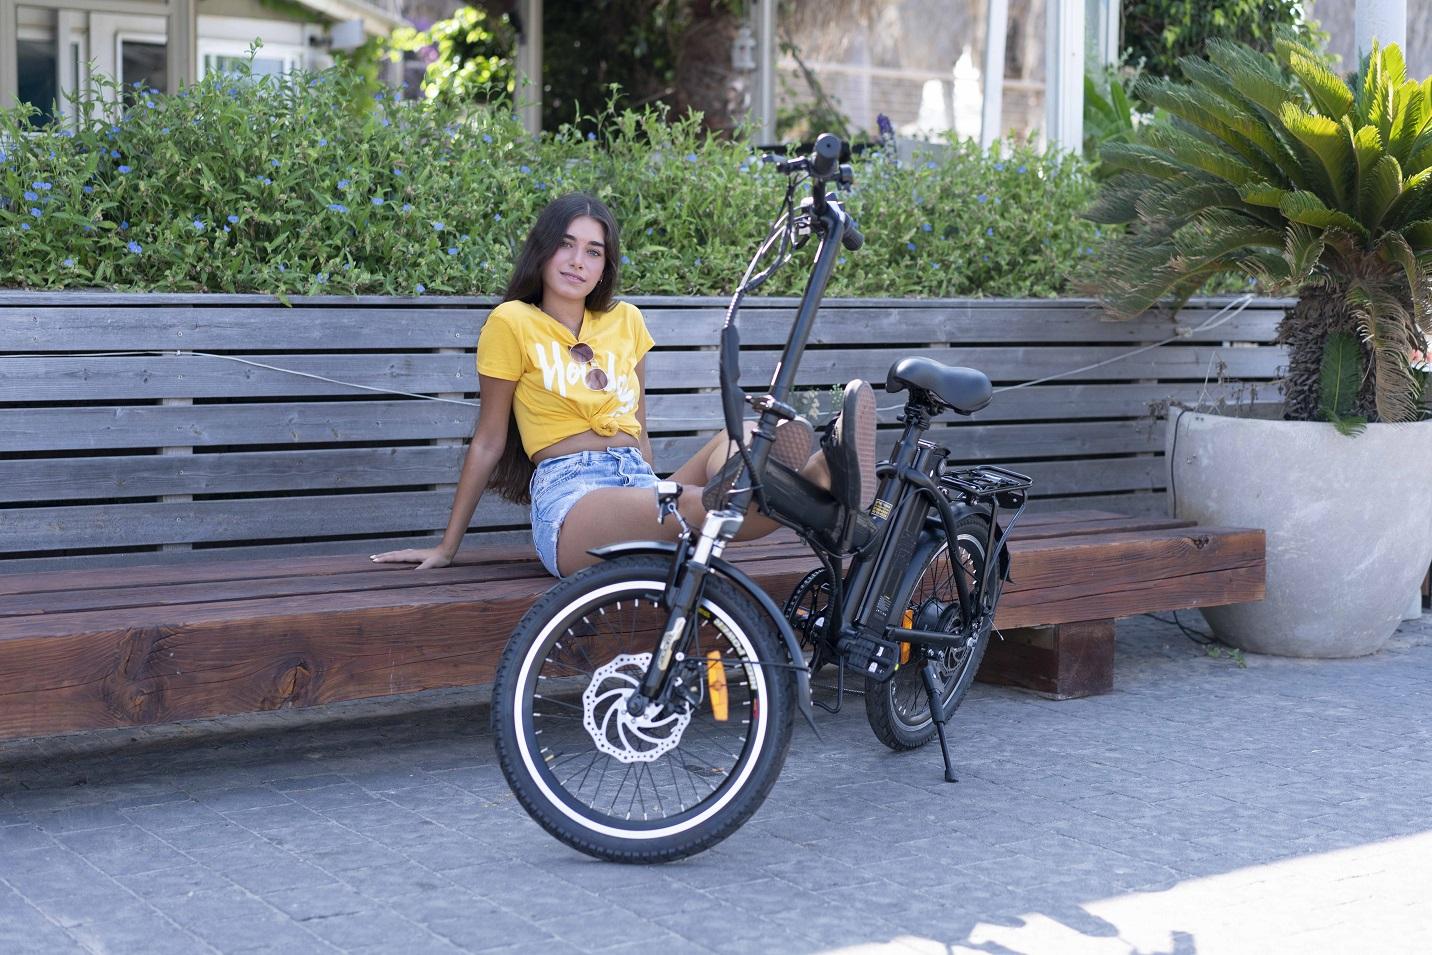 סוללות אופניים חשמליים - מדריך ראשוני מקוצר